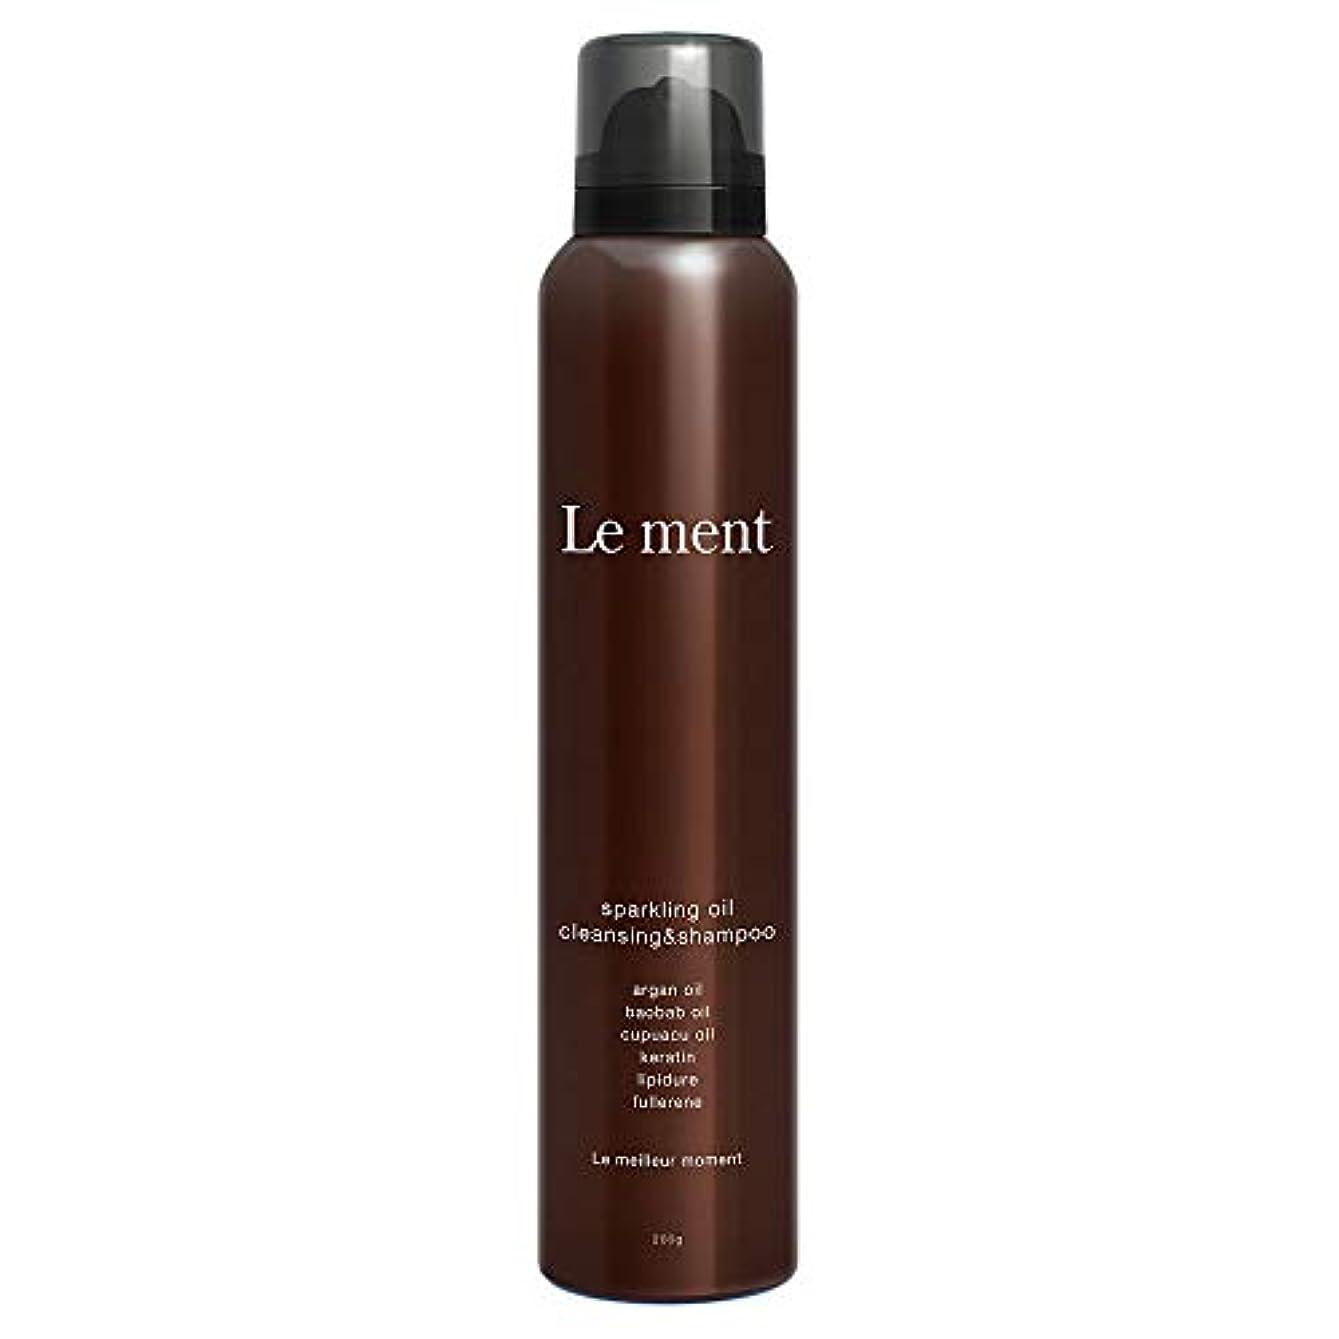 危機公エジプト人Le ment -sparkling oil cleansing & shampoo -